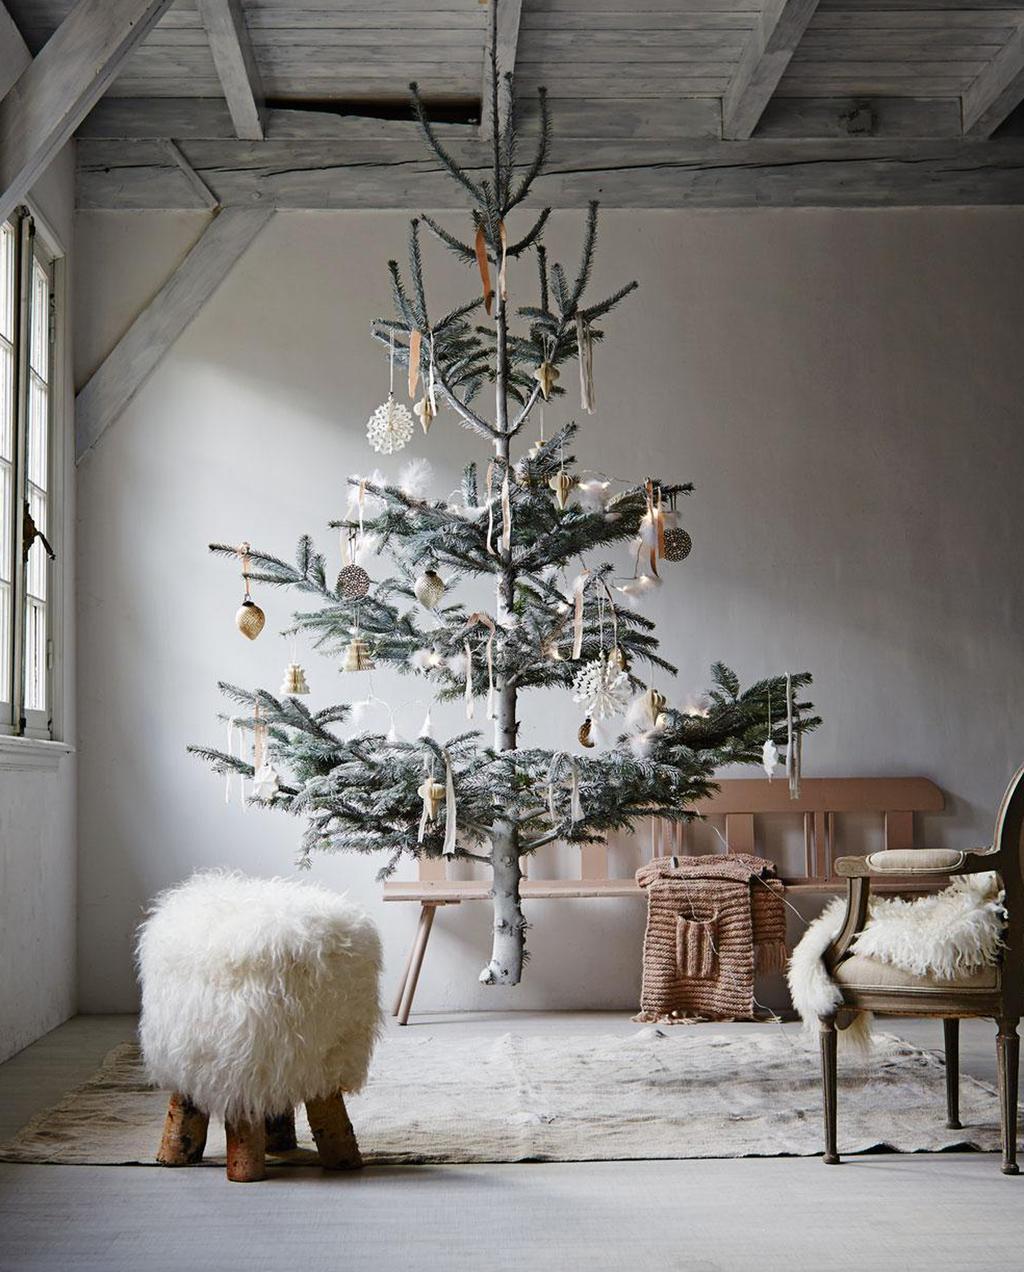 Creatieve Decoratie Ideeen.Kerst Decoratie De Beste Ideeen Voor Een Sfeervol Huis Vtwonen